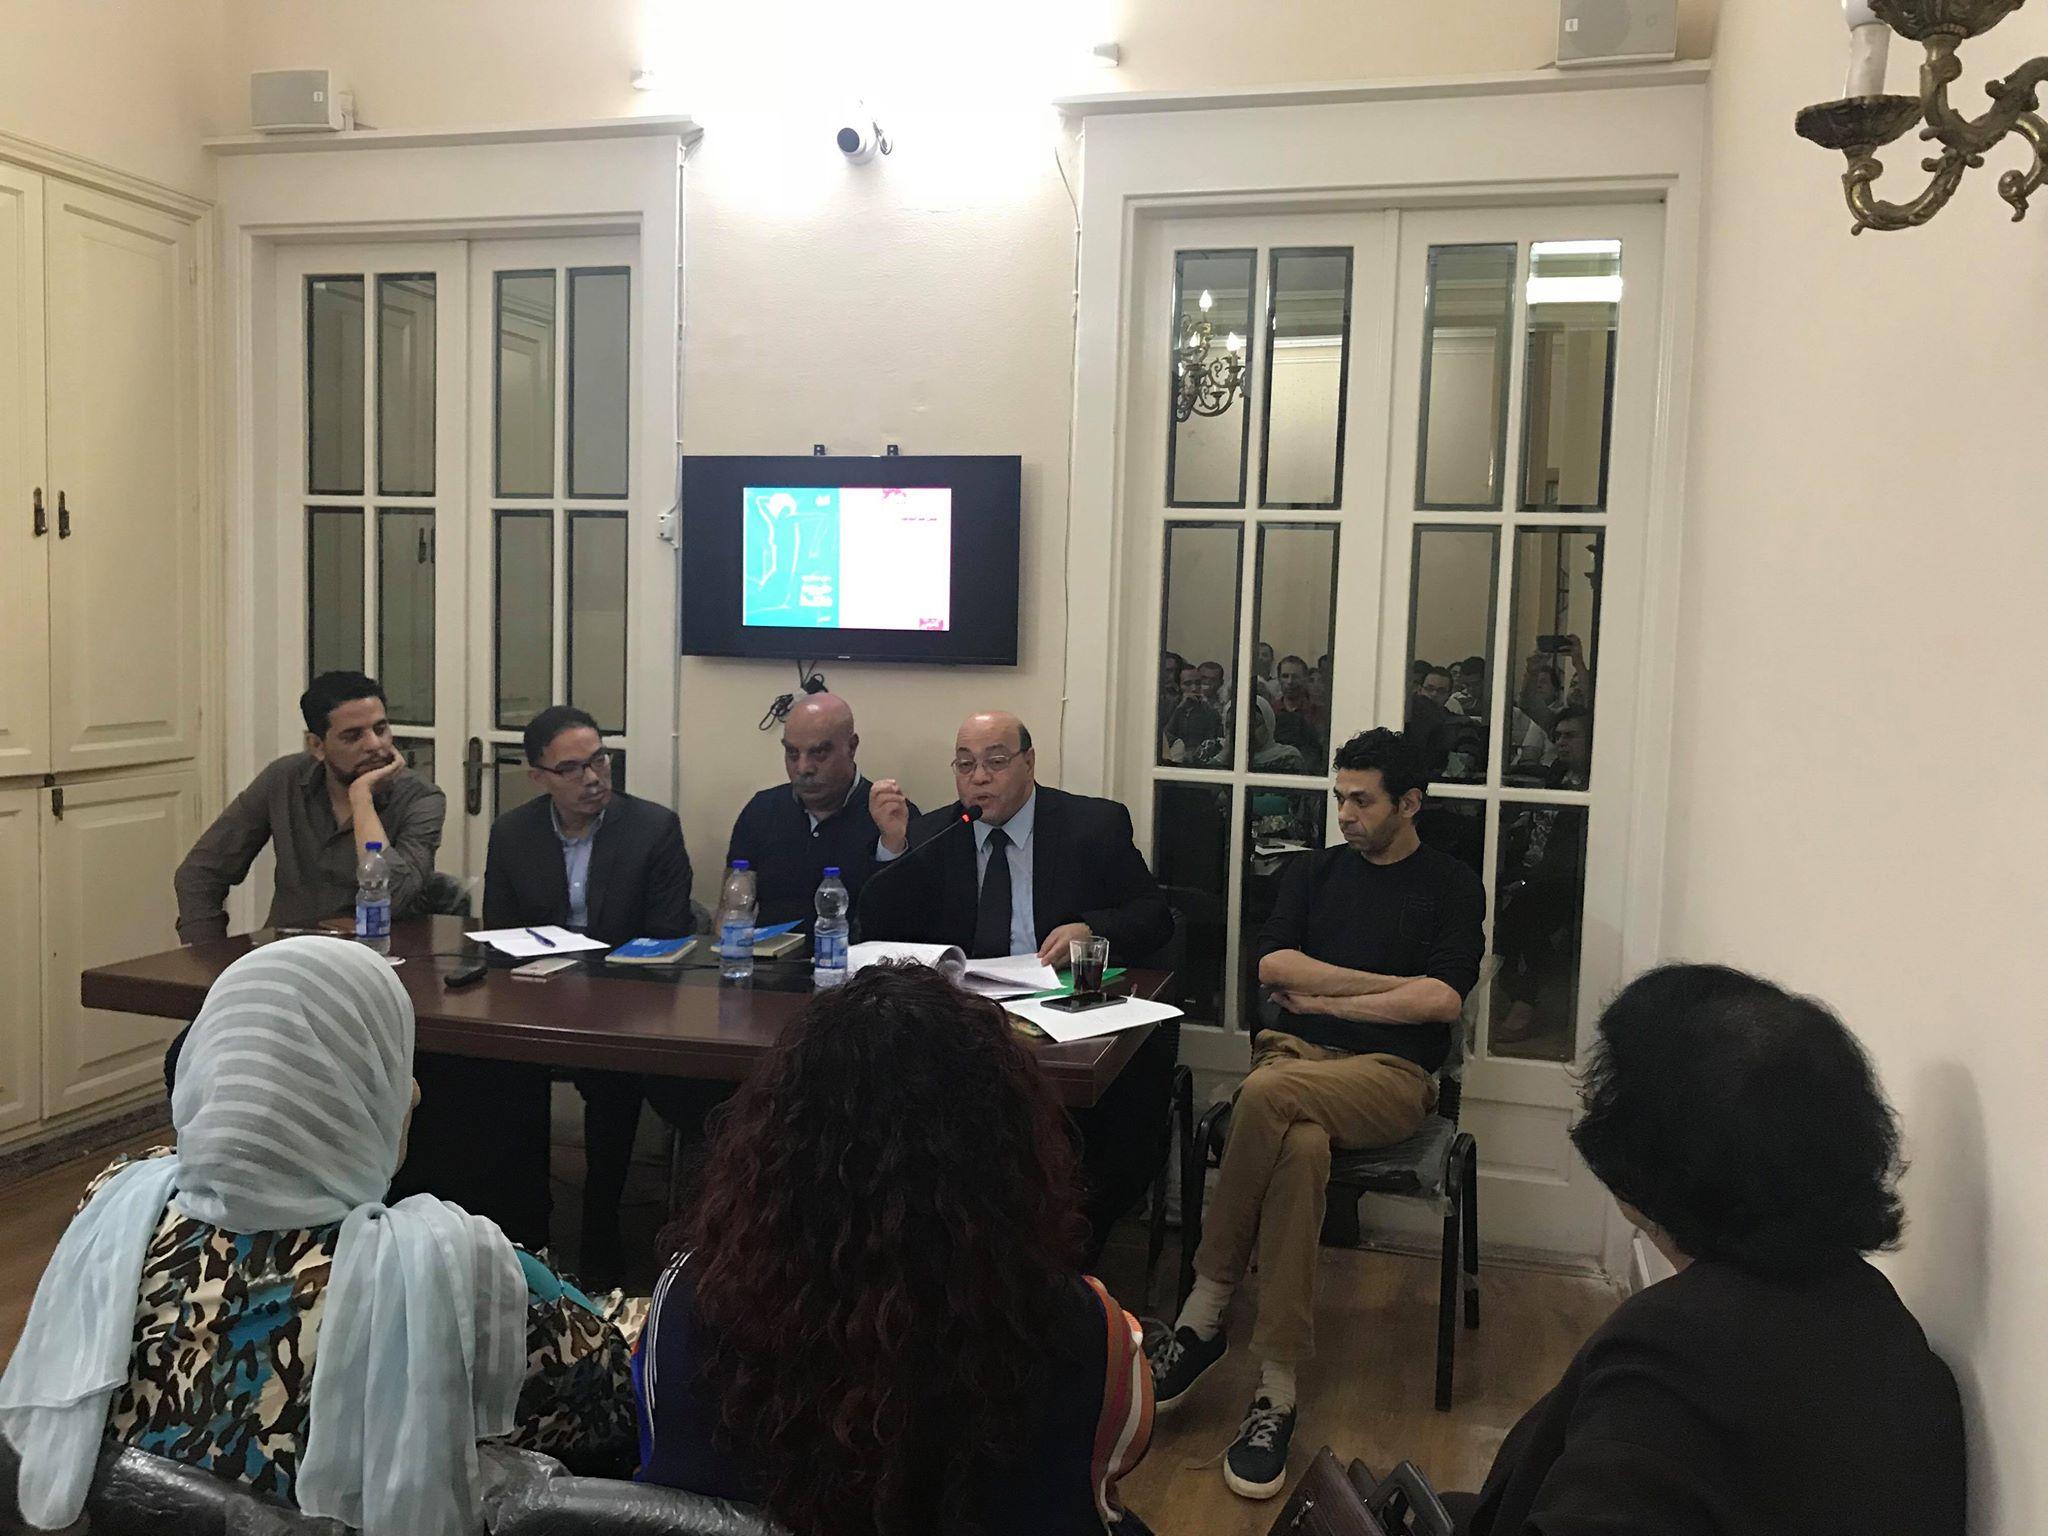 مناقشة حروب فاتنة للكاتب حسن عبد الموجود فى مؤسسة بتانة (5)